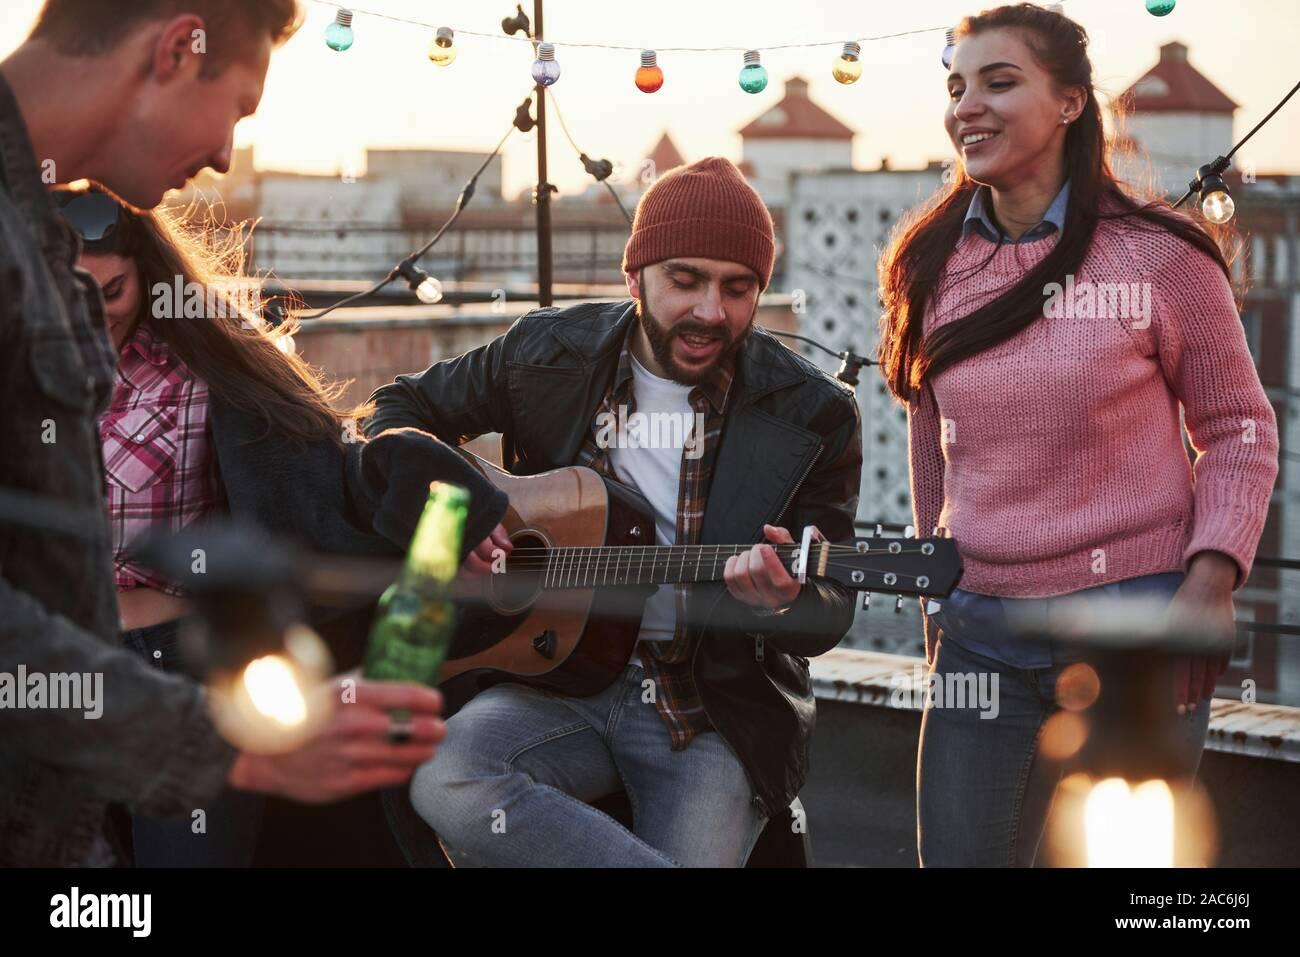 Jugar en el instrumento musical es siempre bueno tener habilidades. El guitarrista se sienta y cantando para sus amigos en la azotea con luz coloreada decorativos Foto de stock